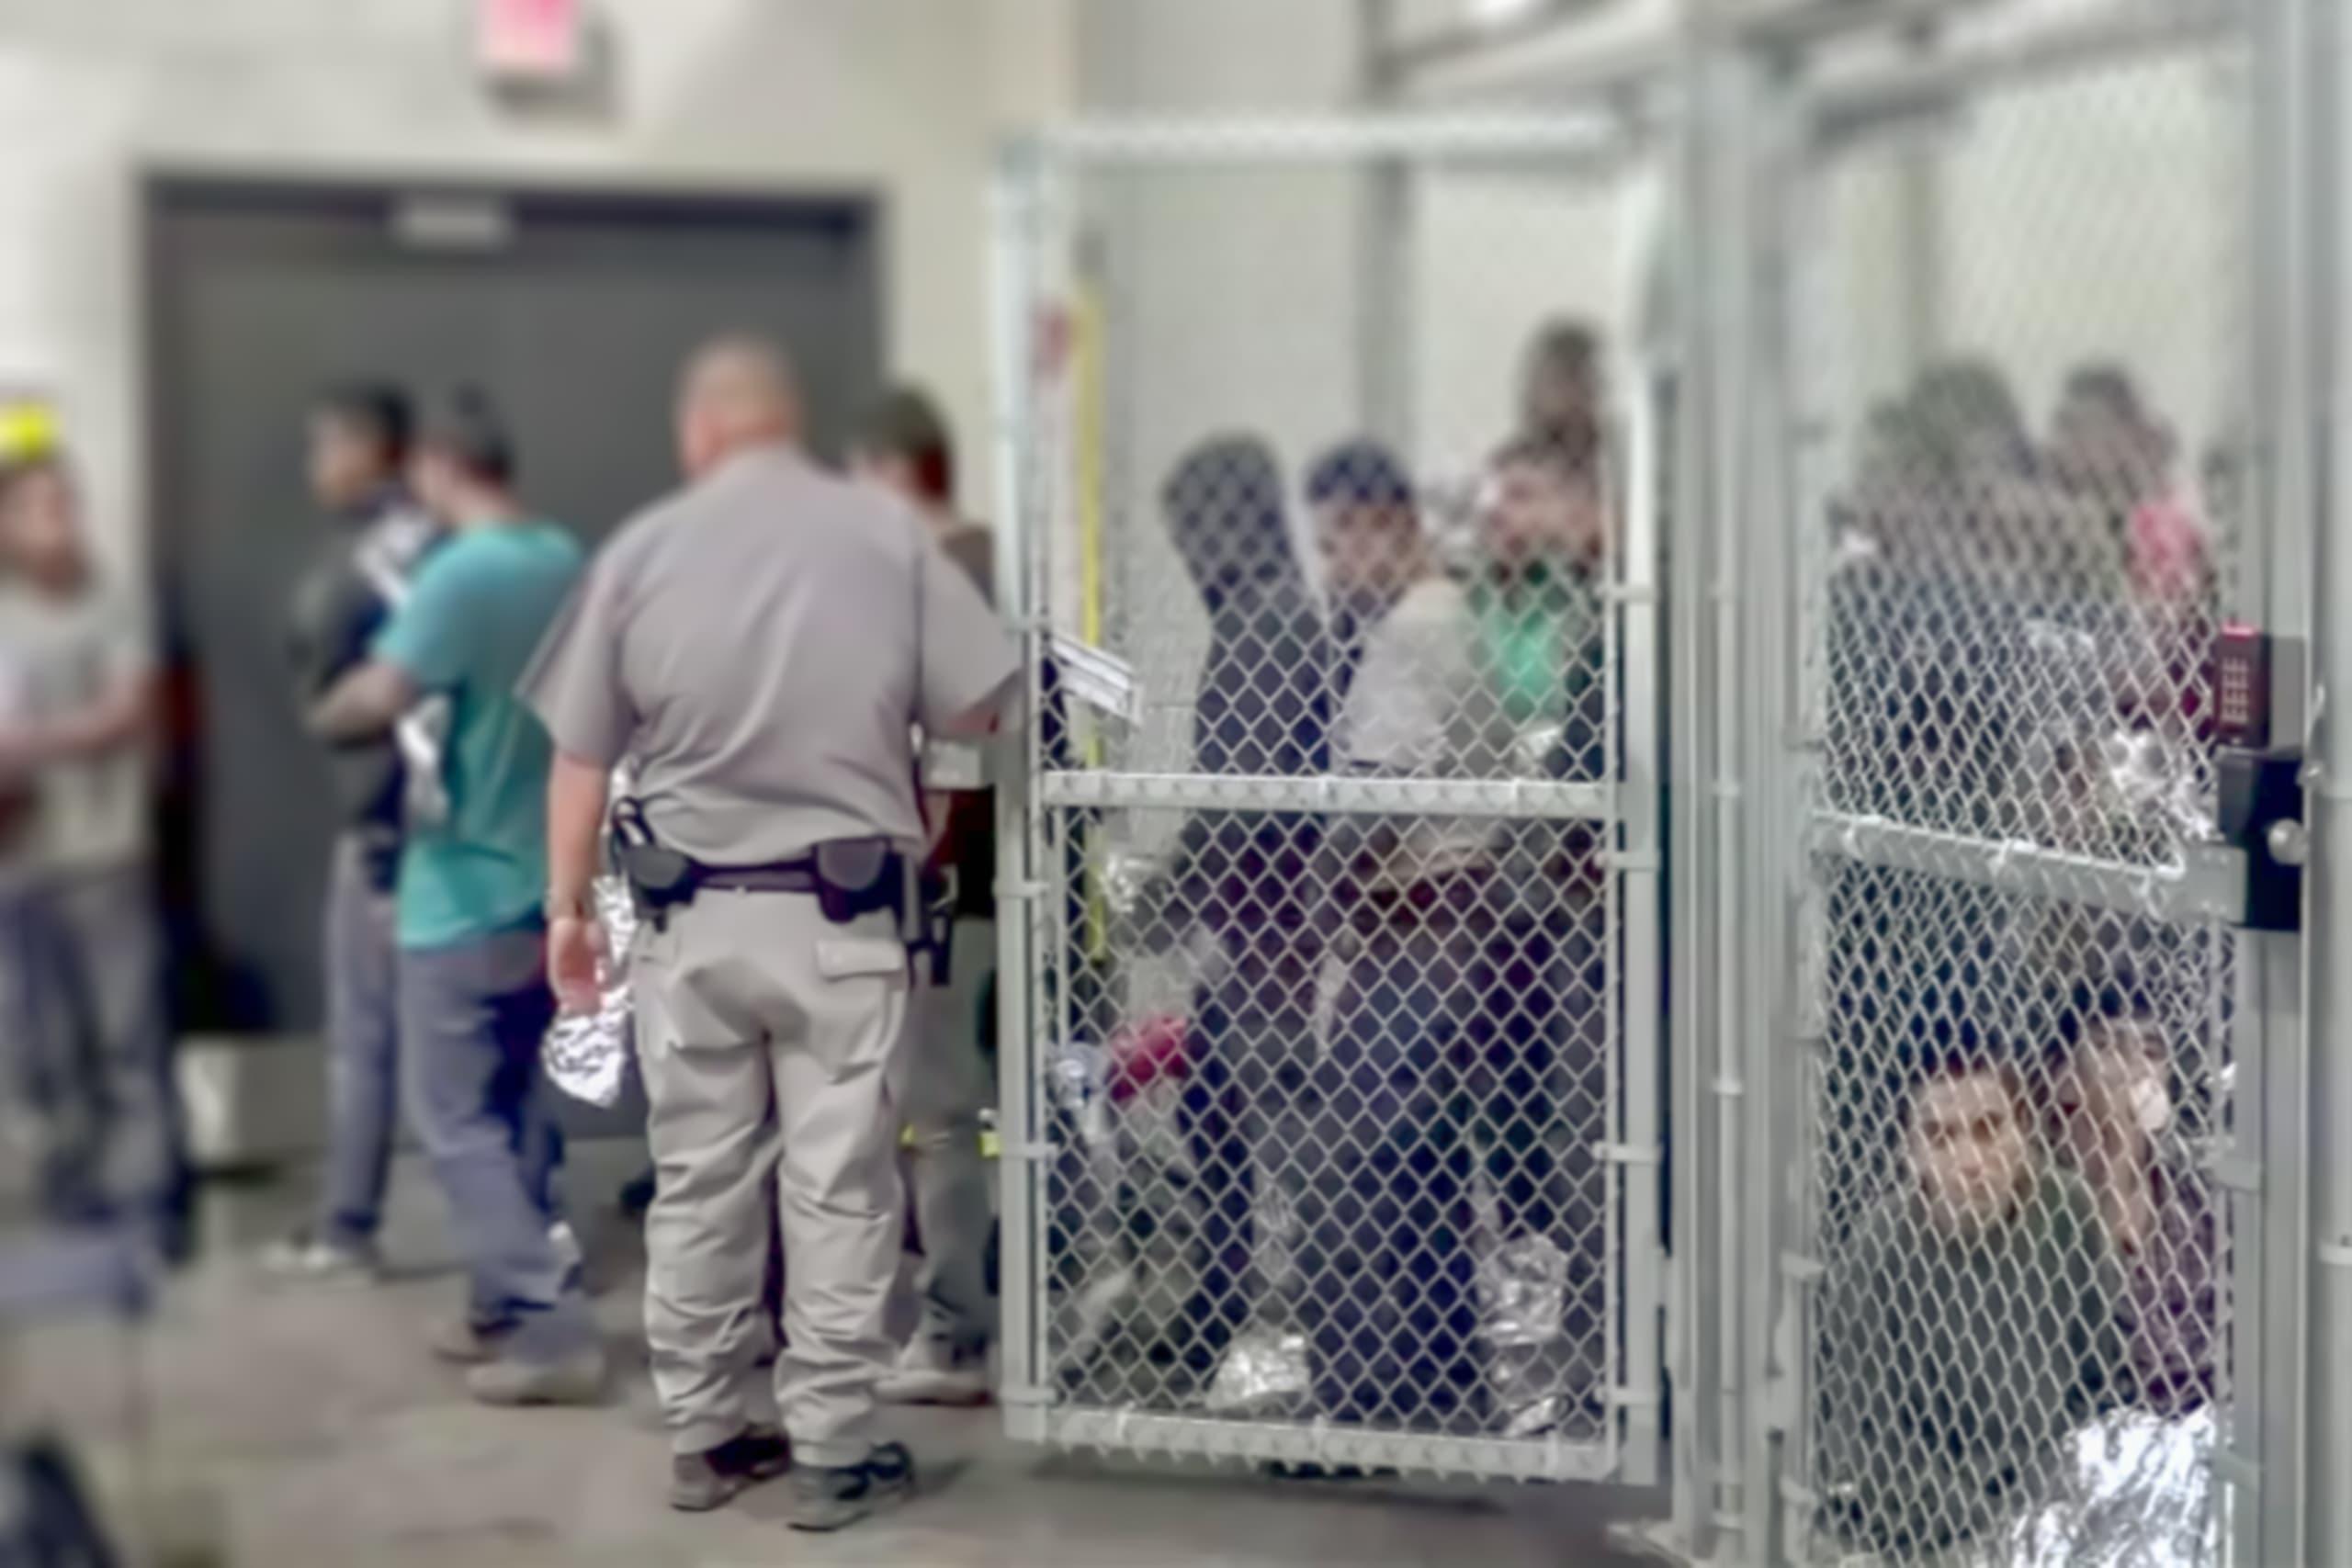 Jueces detener inmigrantes deportación.